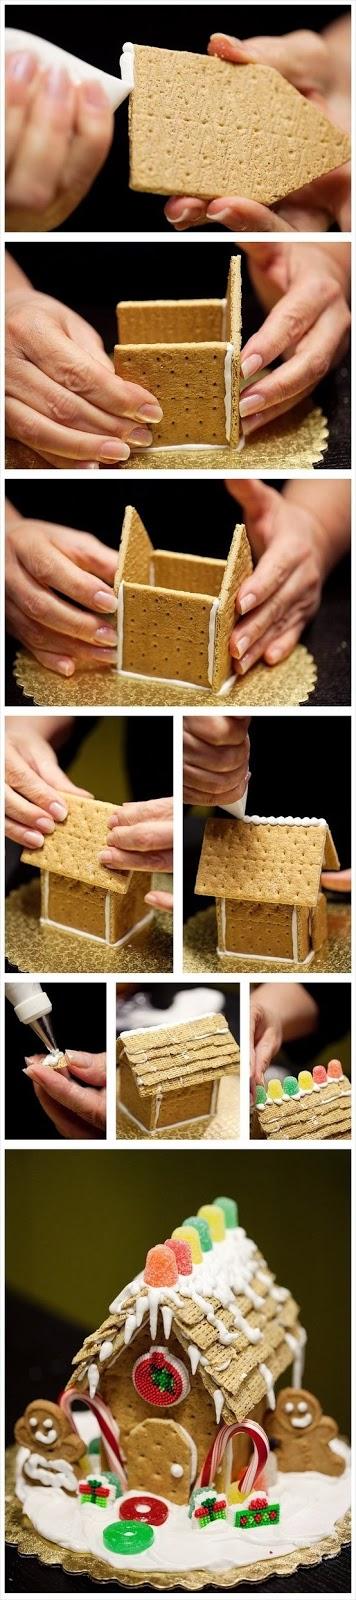 бисквитена къща за коледа